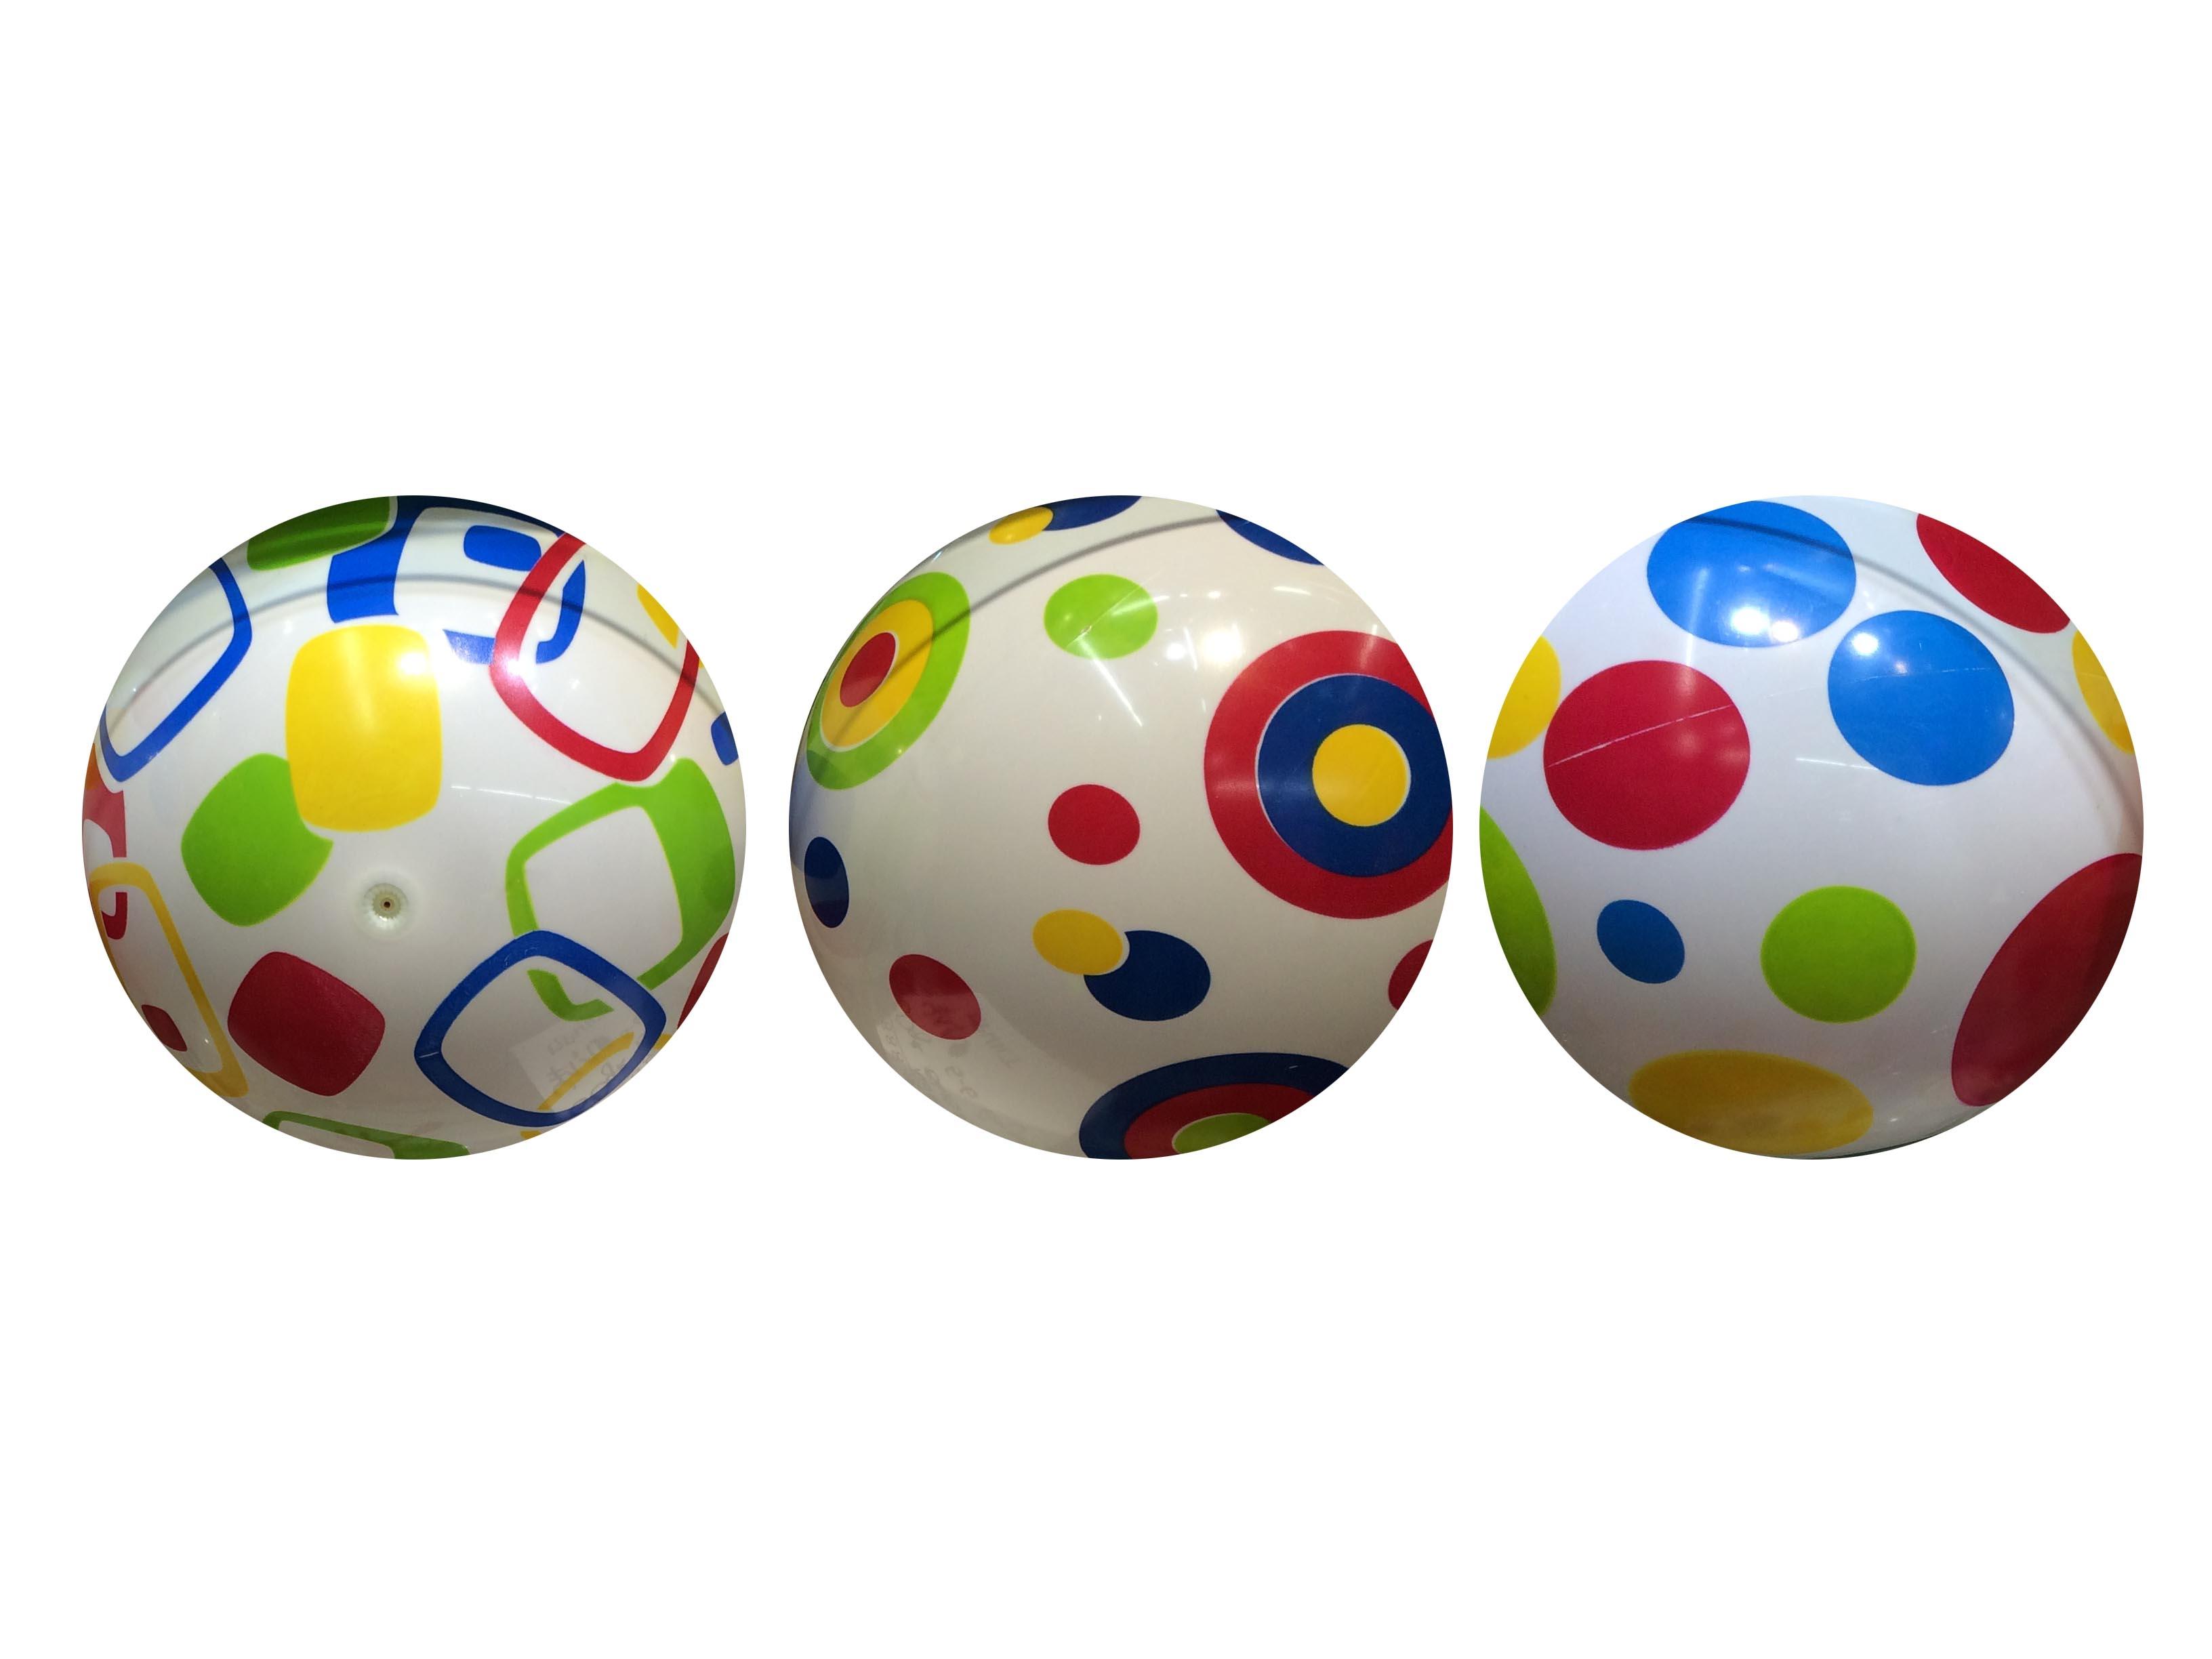 Надувные игрушки 1toy Мяч с принтом хаха мяч rocking horse детский открытый фитнес игрушки музыкальные красочные надувные прыжки маккавеев толстый маленький лошадь